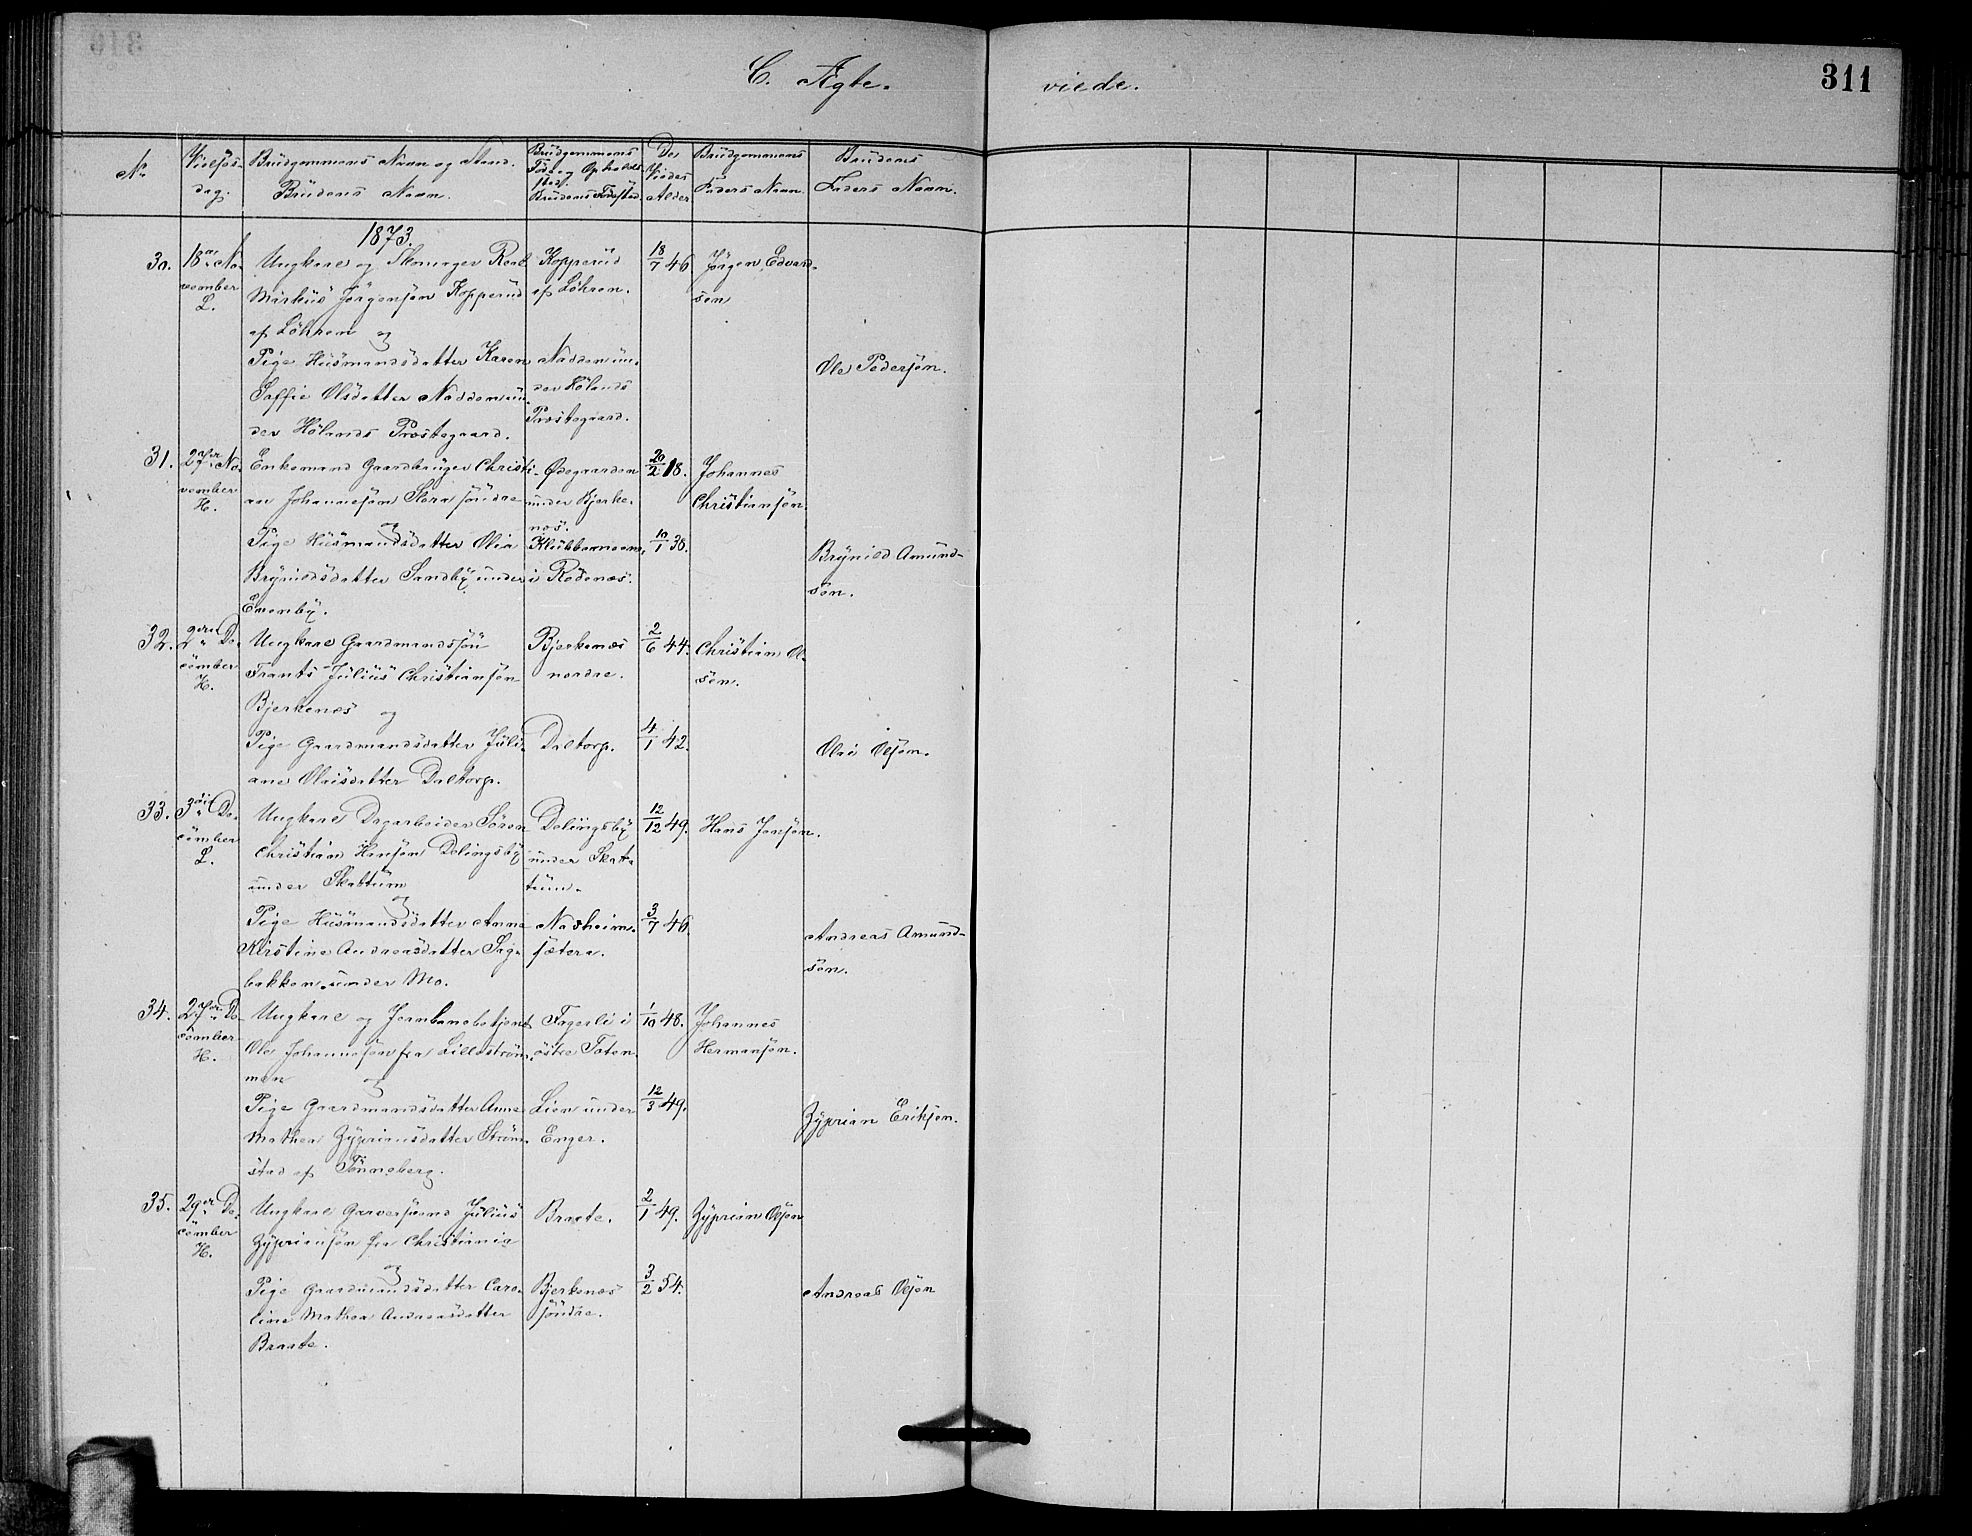 SAO, Høland prestekontor Kirkebøker, G/Ga/L0006: Klokkerbok nr. I 6, 1869-1879, s. 311